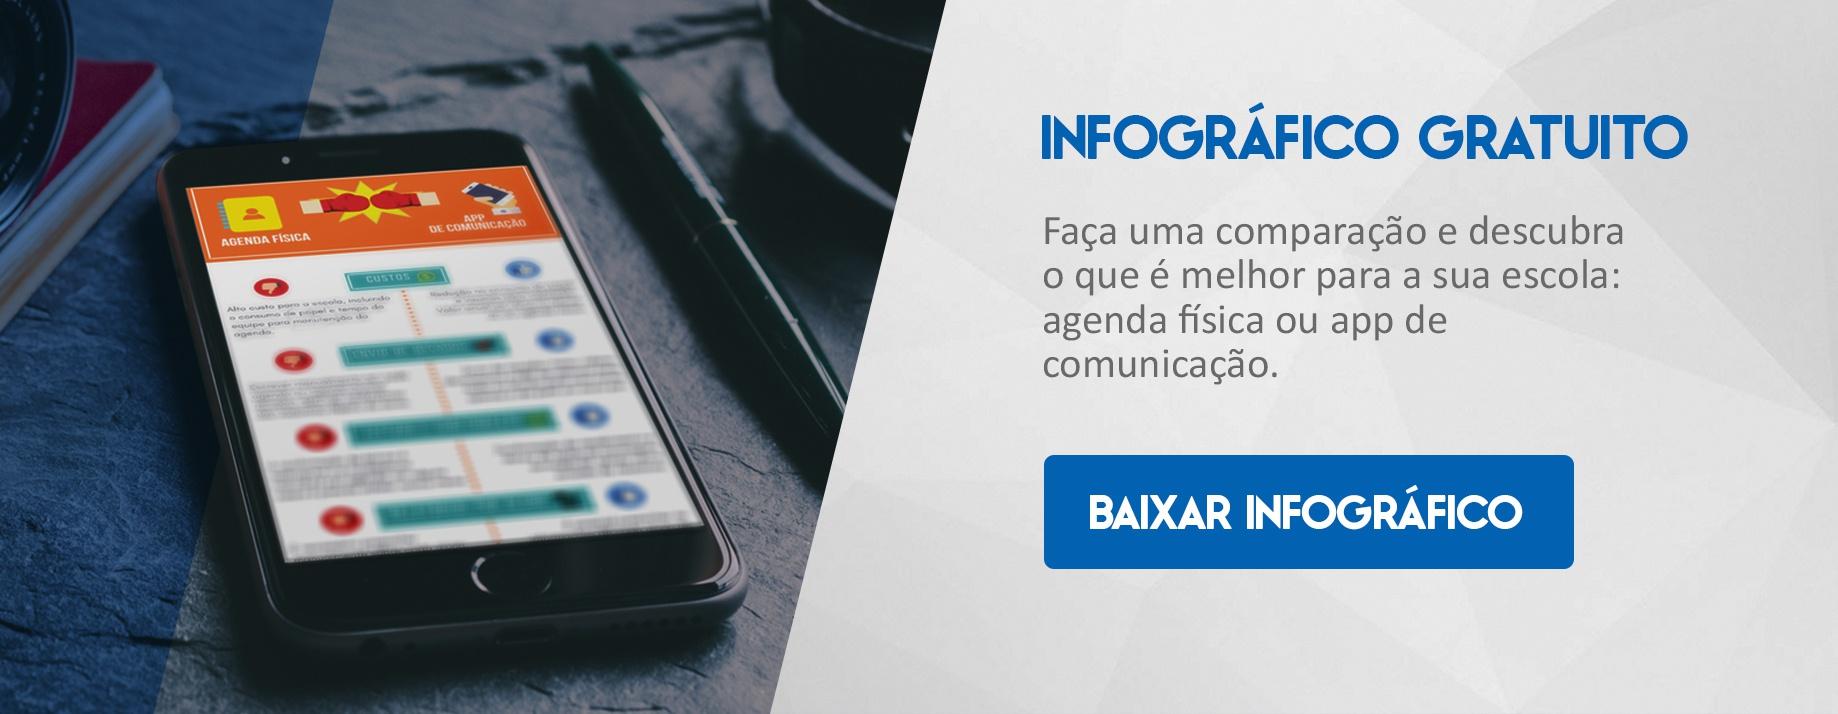 Infográfico - Agenda Física x App de Comunicação